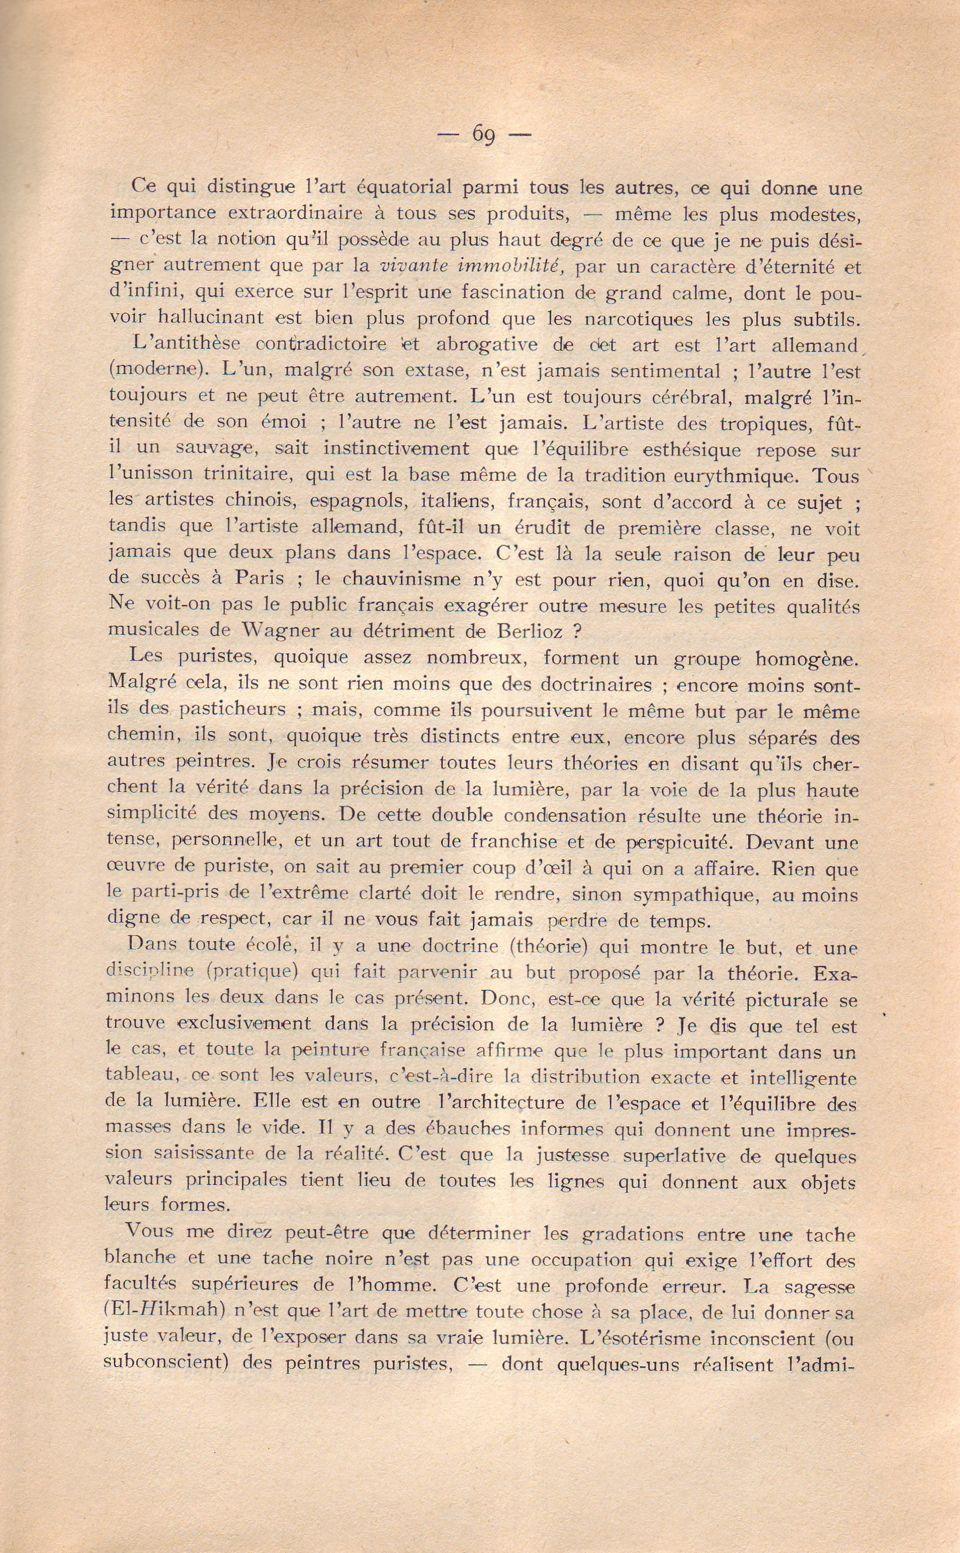 Pages..Mércure 15. 69